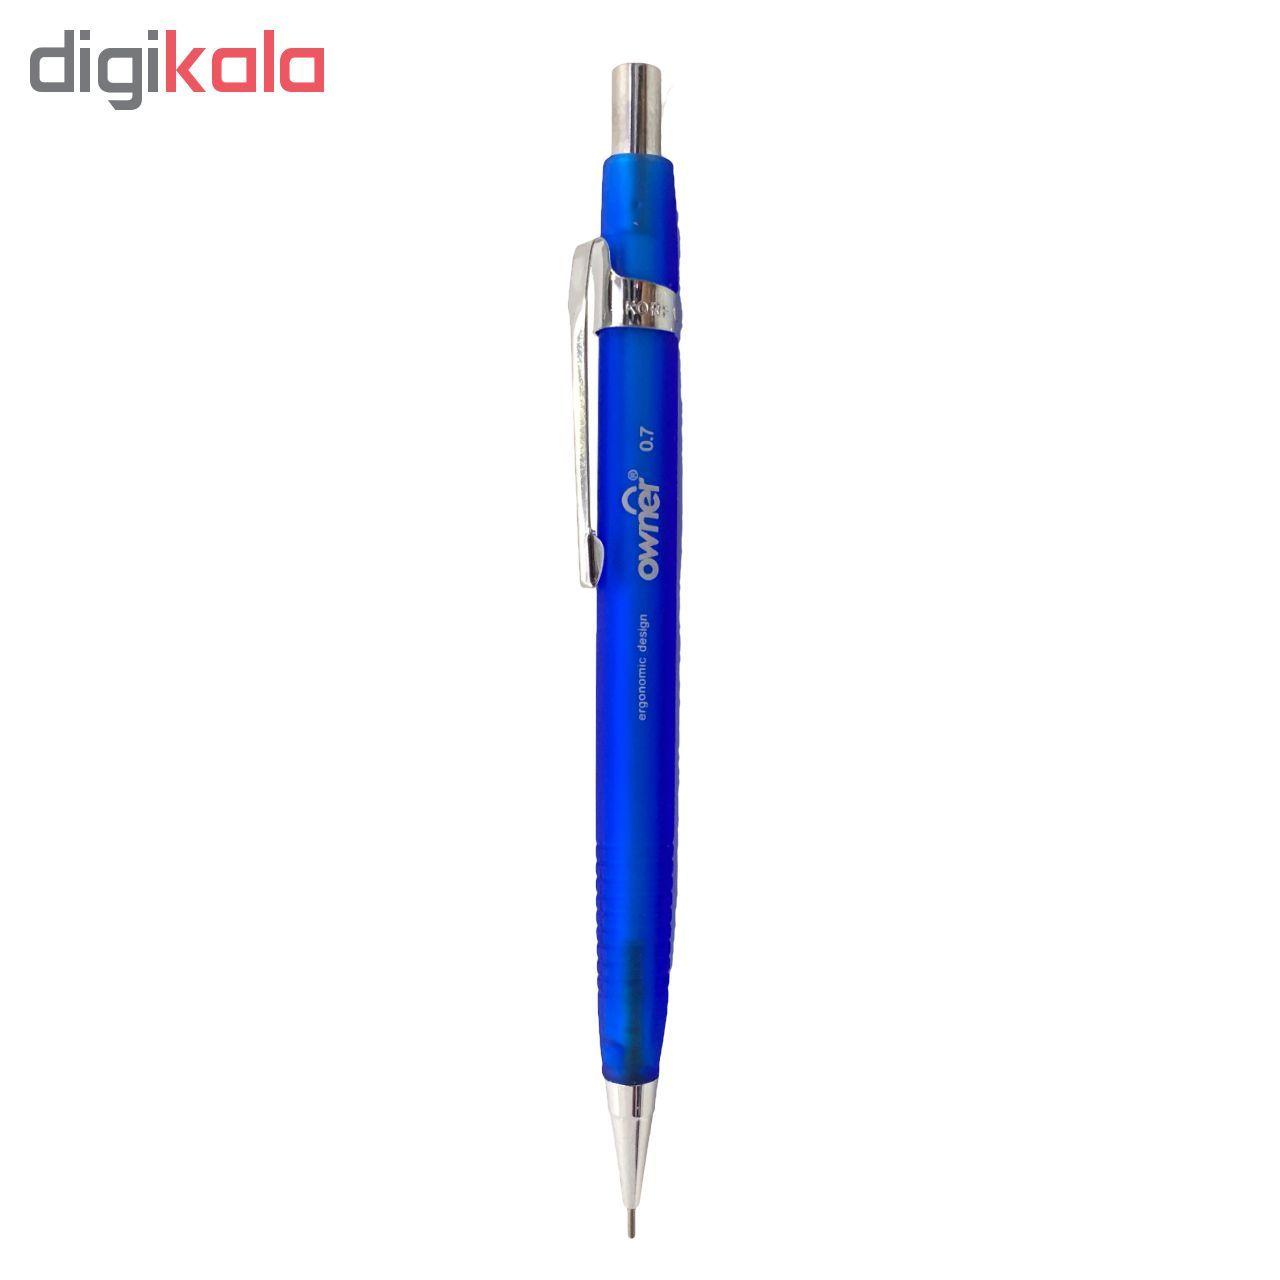 مداد نوکی اونر کد 115200 قطر نوشتاری  0.7 میلی متر main 1 2